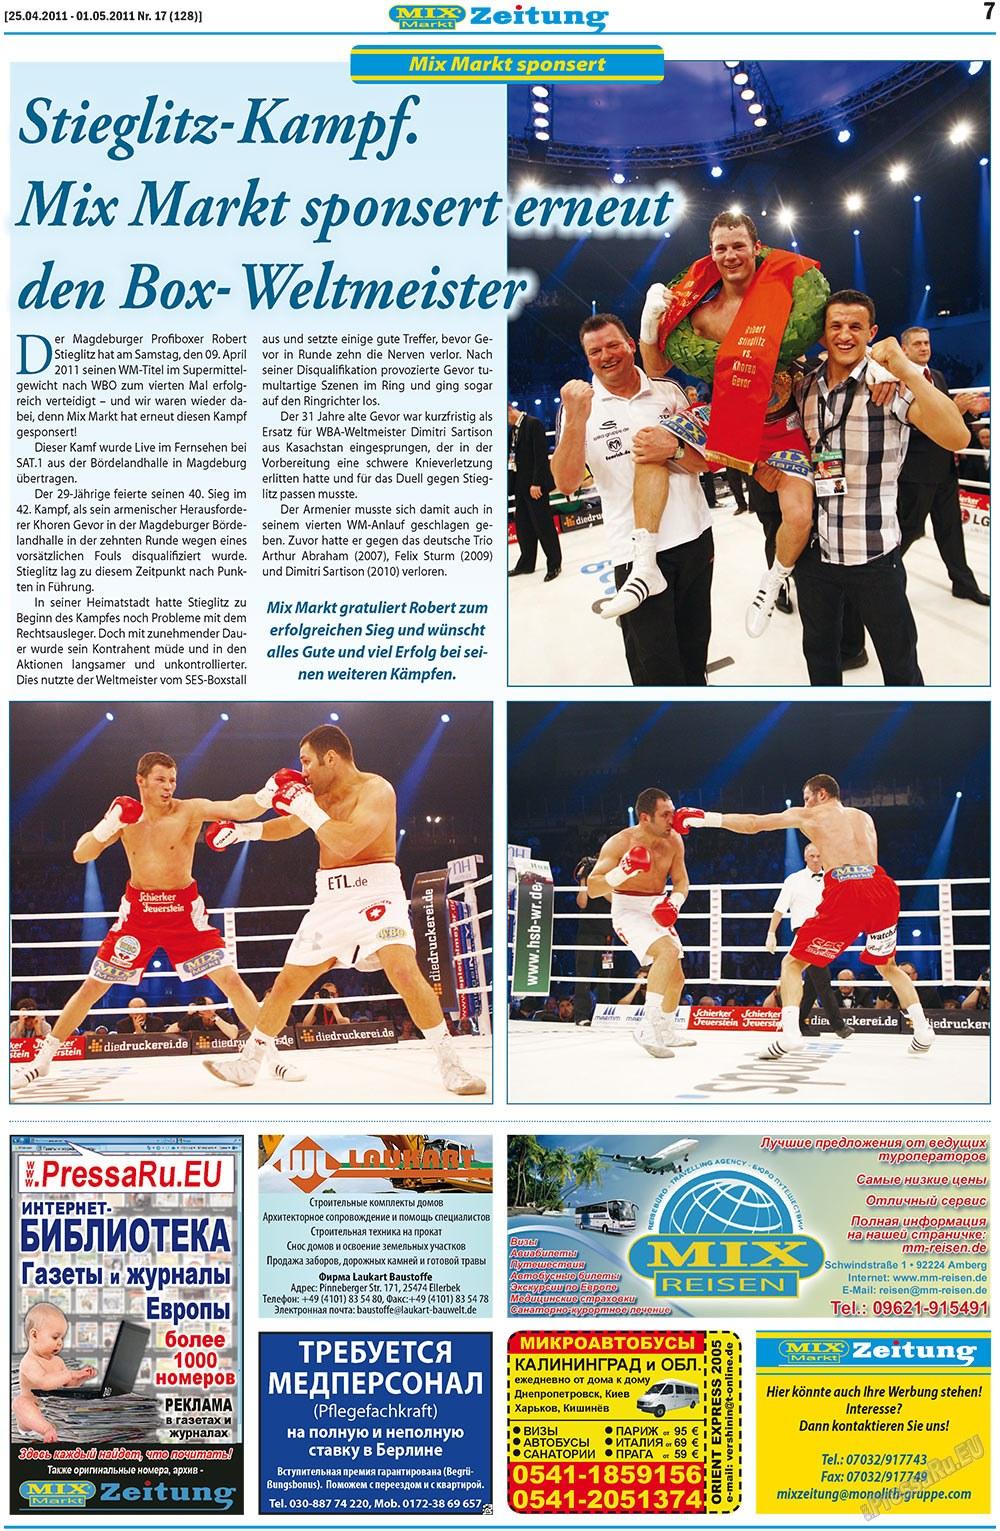 MIX-Markt Zeitung (газета). 2011 год, номер 17, стр. 7